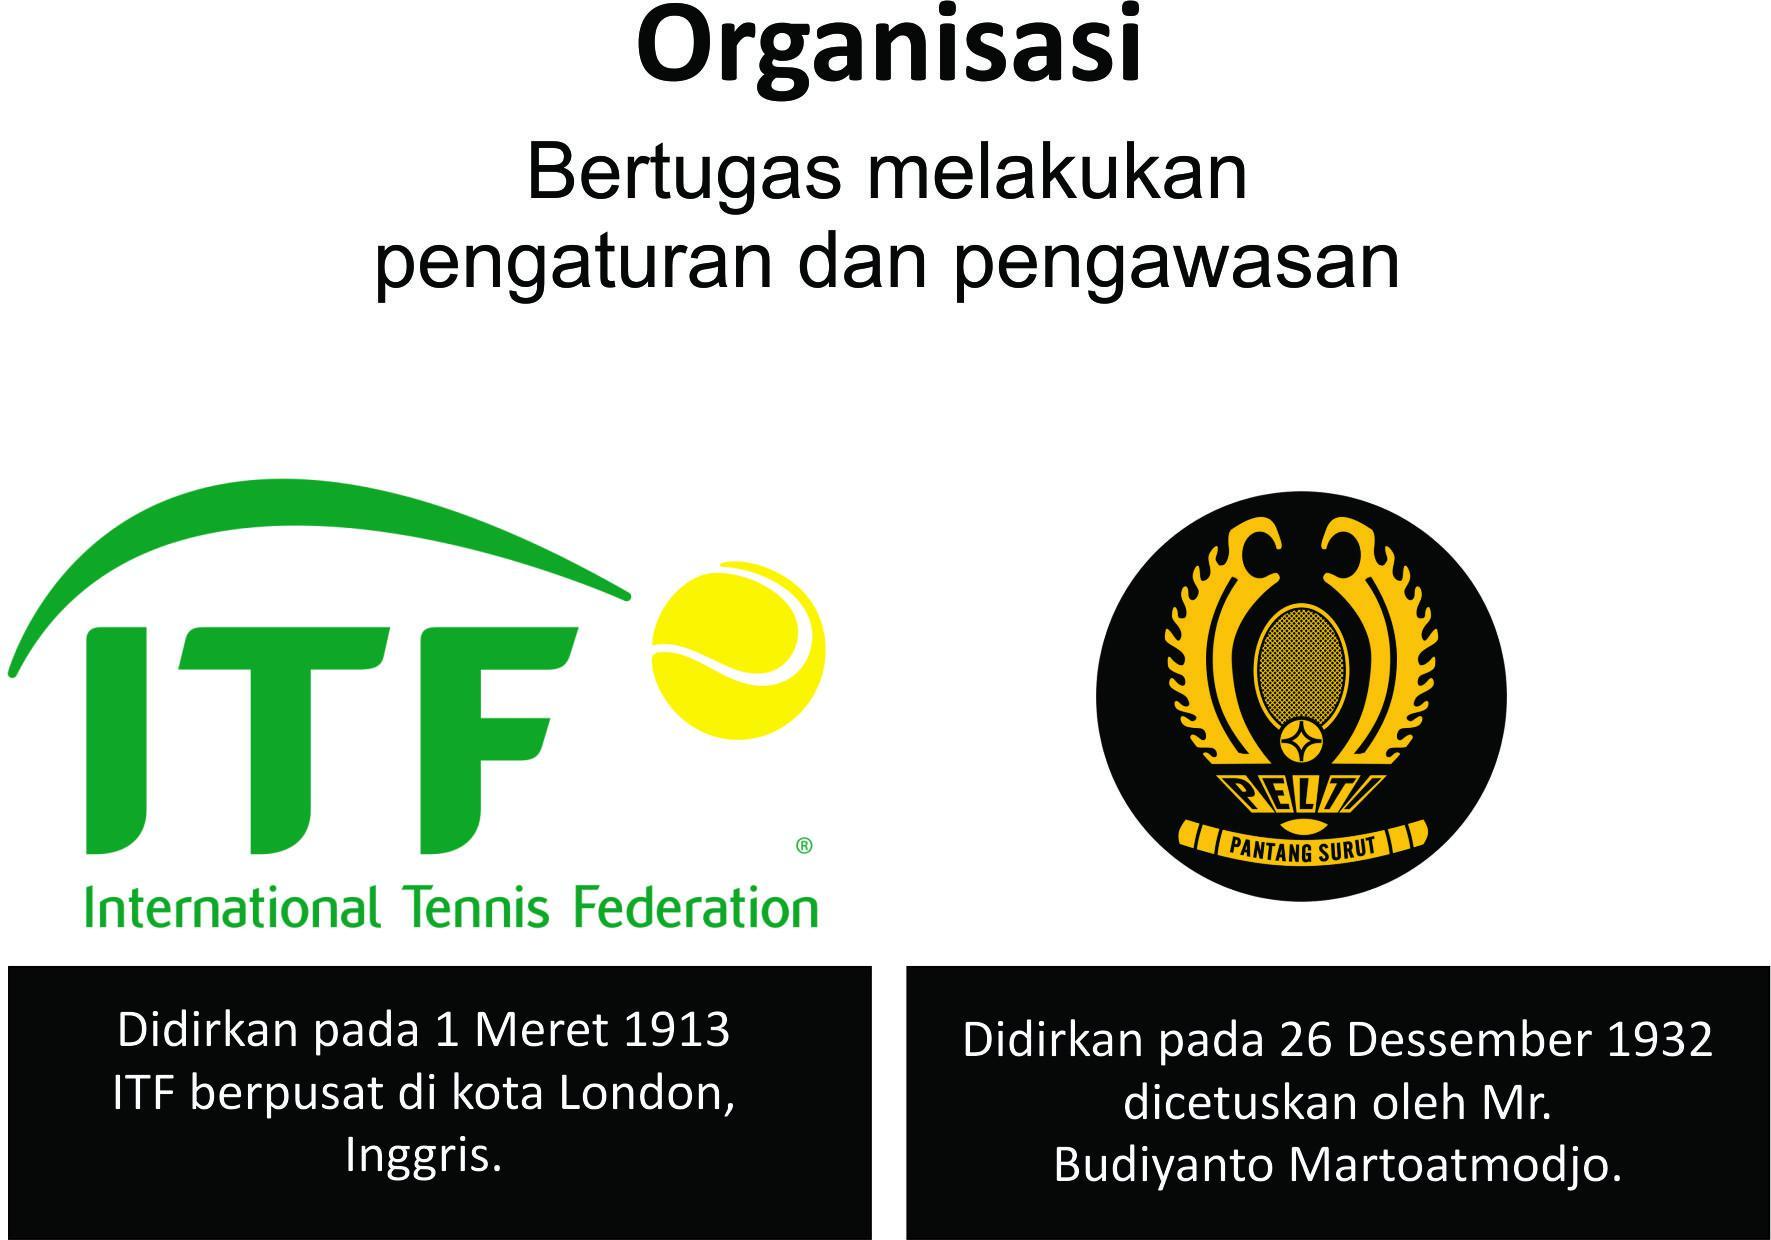 Peraturan Tenis (Organisasi). Copyright: Grafis: Eli Suhaeli/INDOSPORT